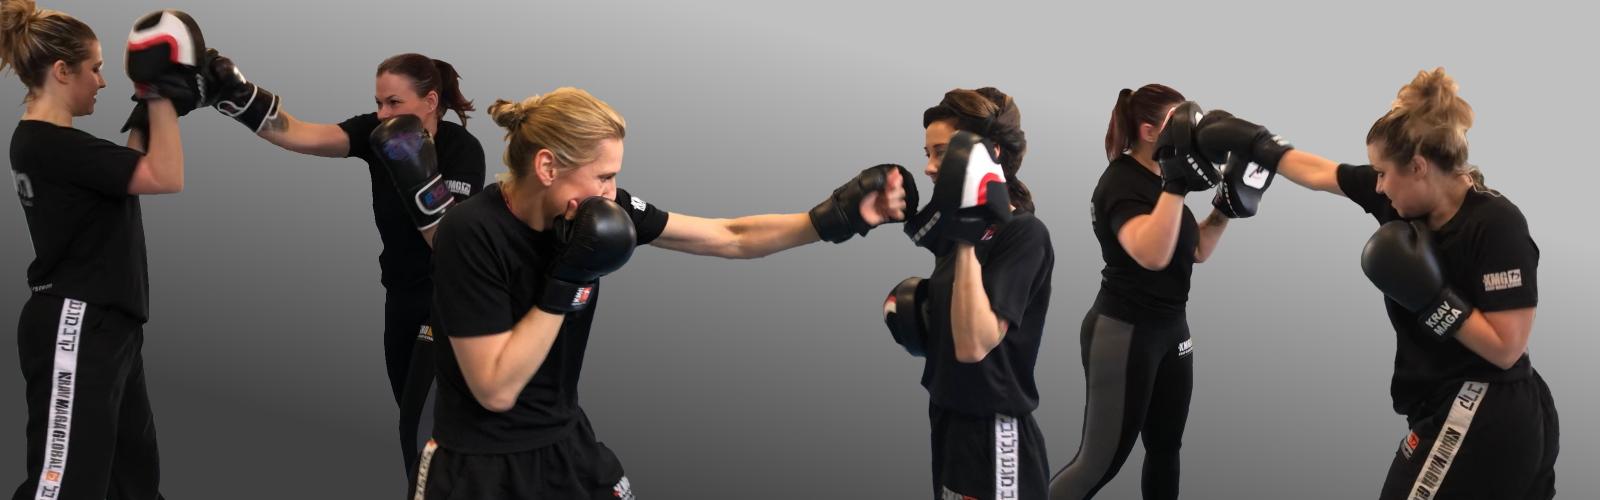 Women - Fitness - Weightloss.jpg